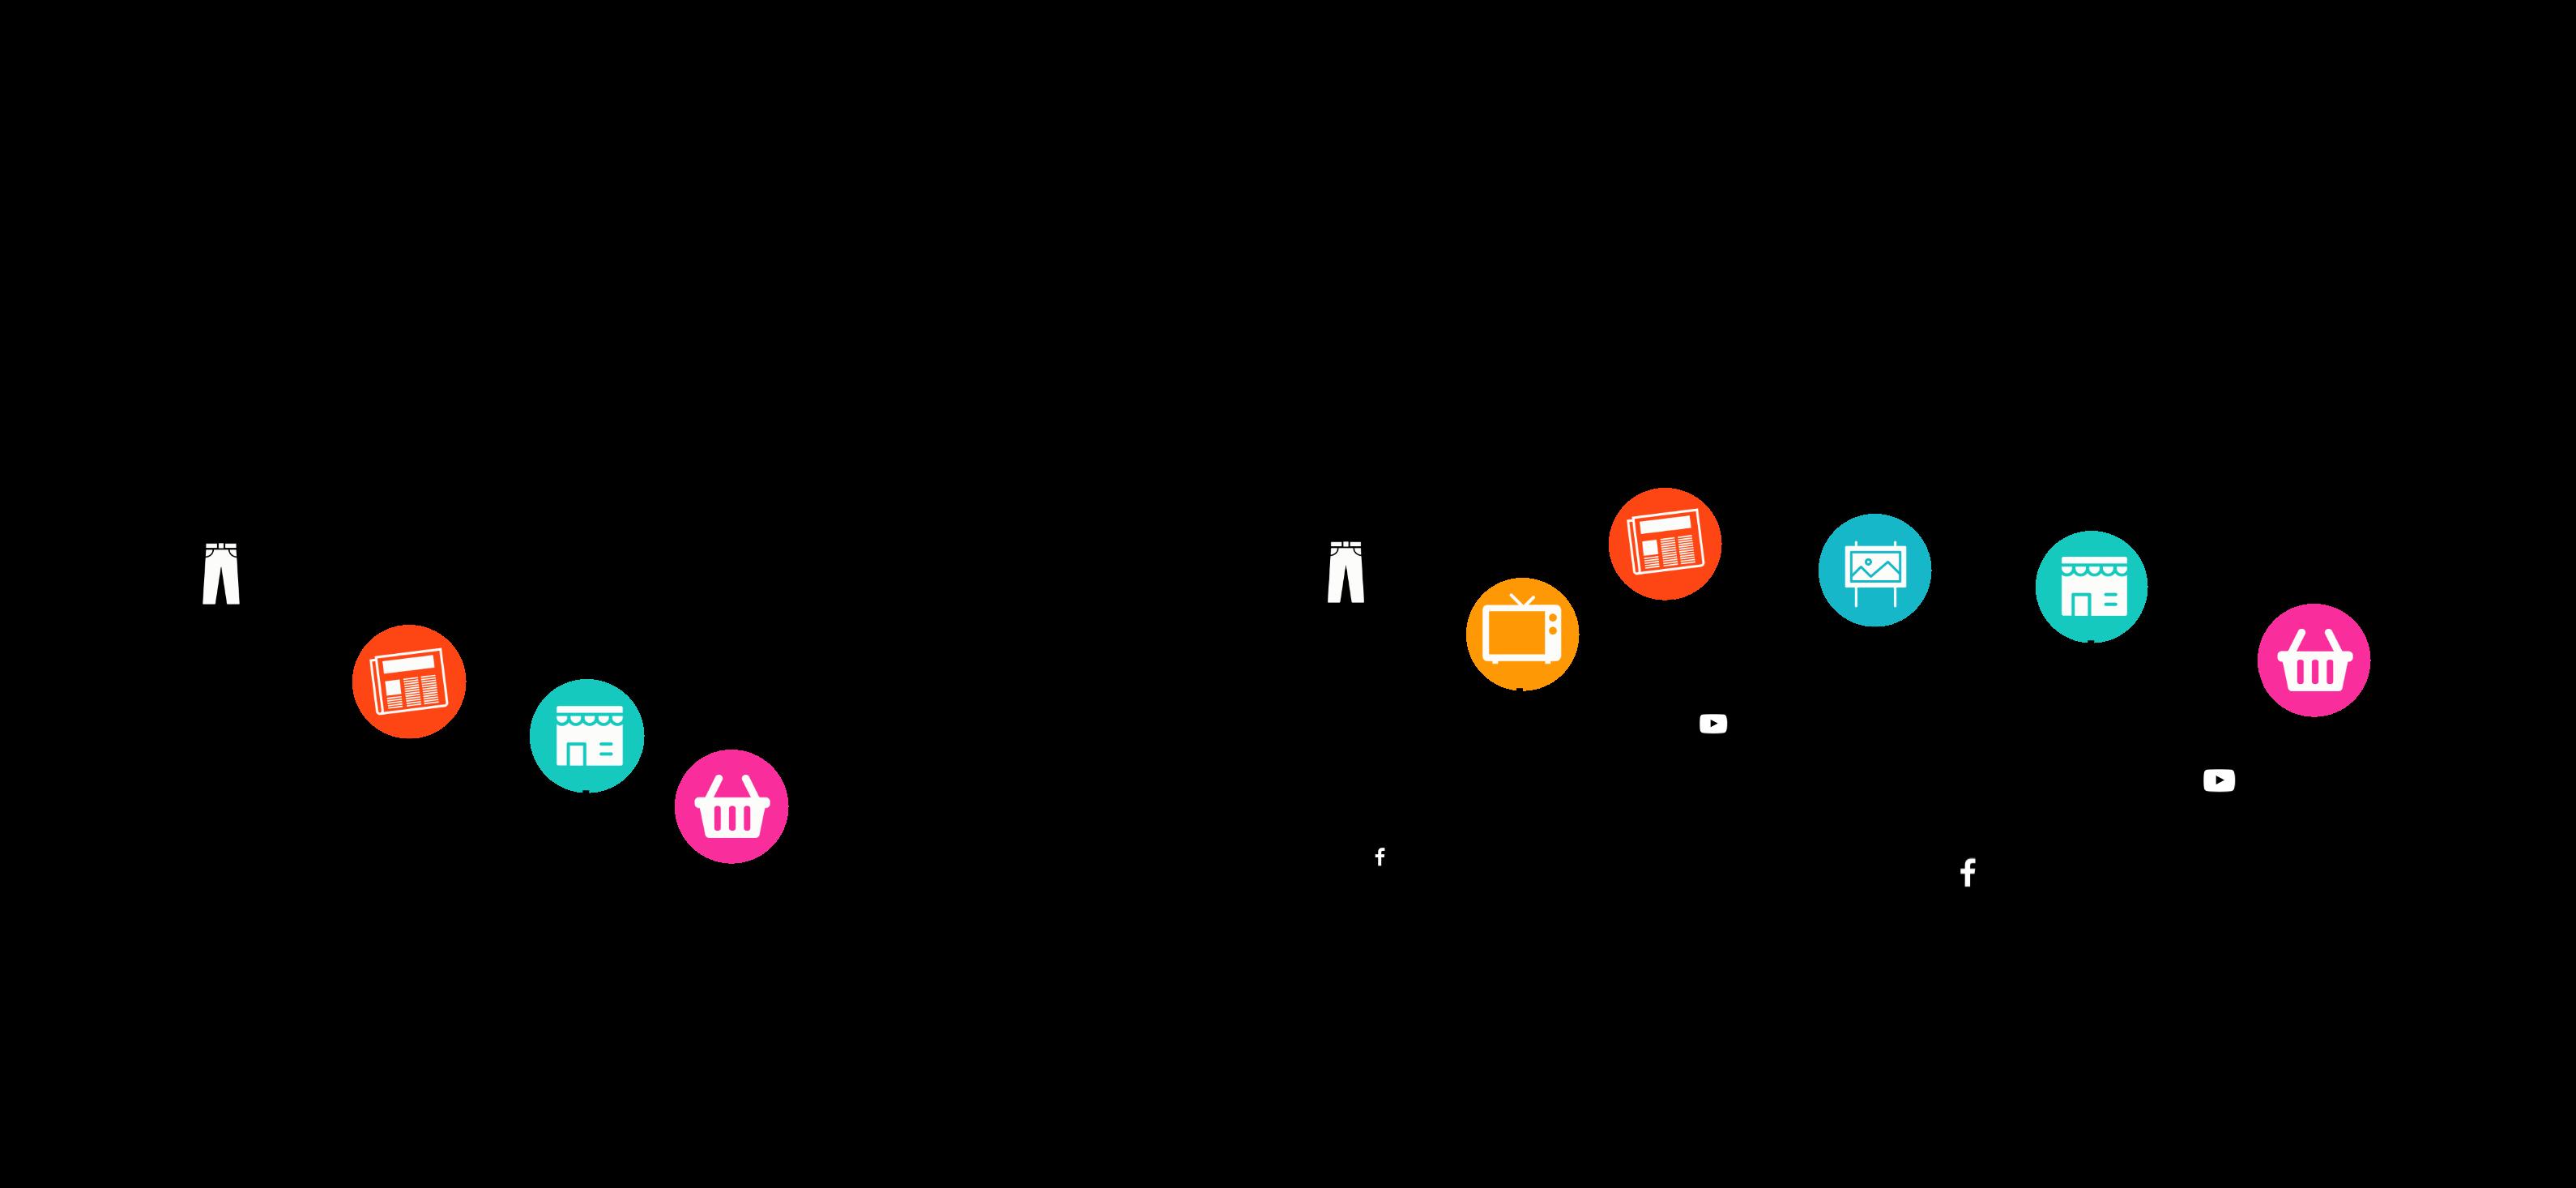 Digitale Handlungsziele sind die Grundlage der Conversion-Rate-Optimierung.